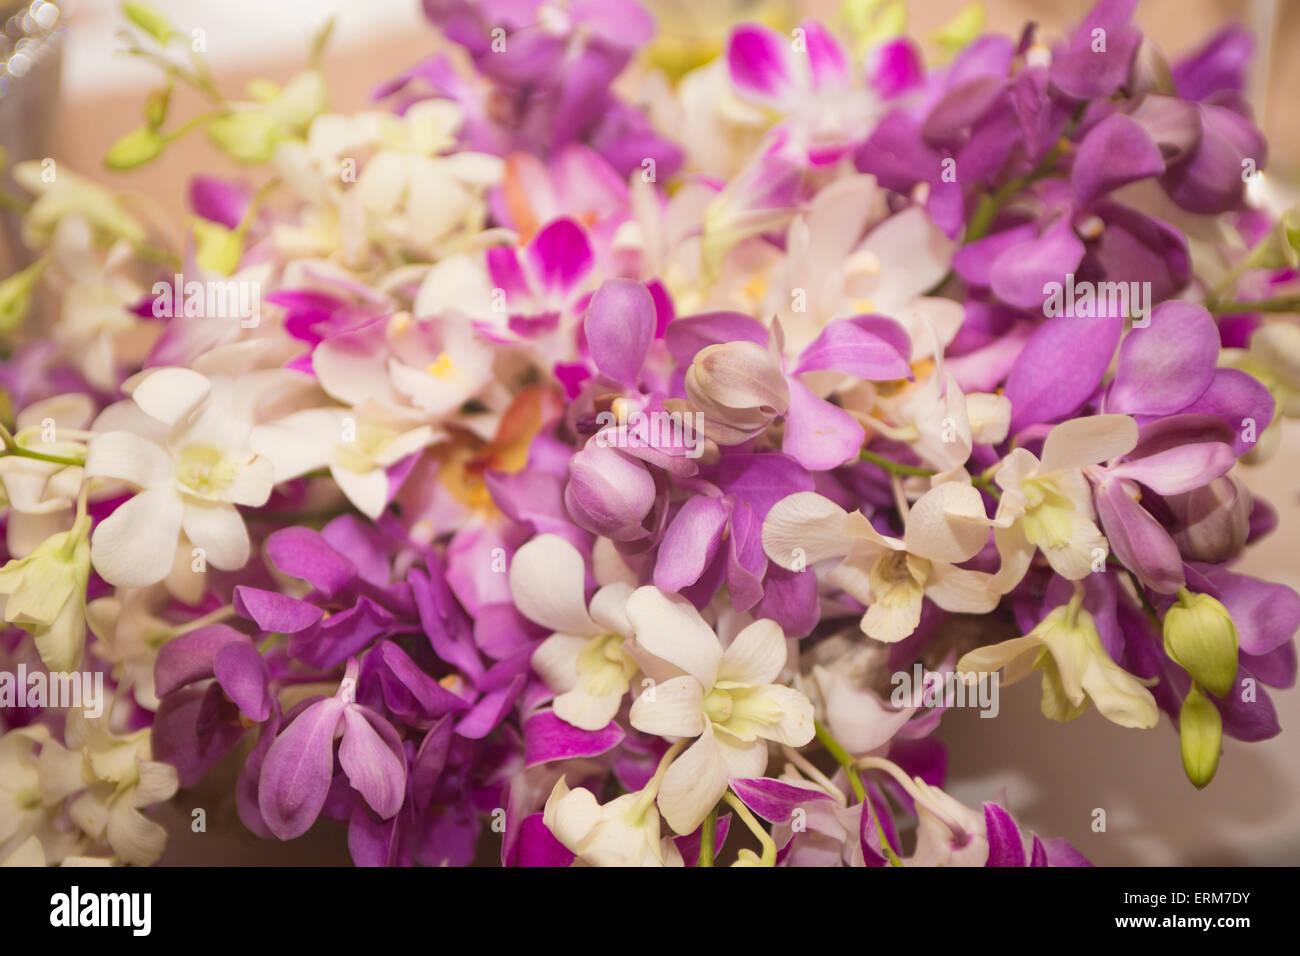 Arrangement de fleurs pour événements spéciaux - principalement les mariages Banque D'Images